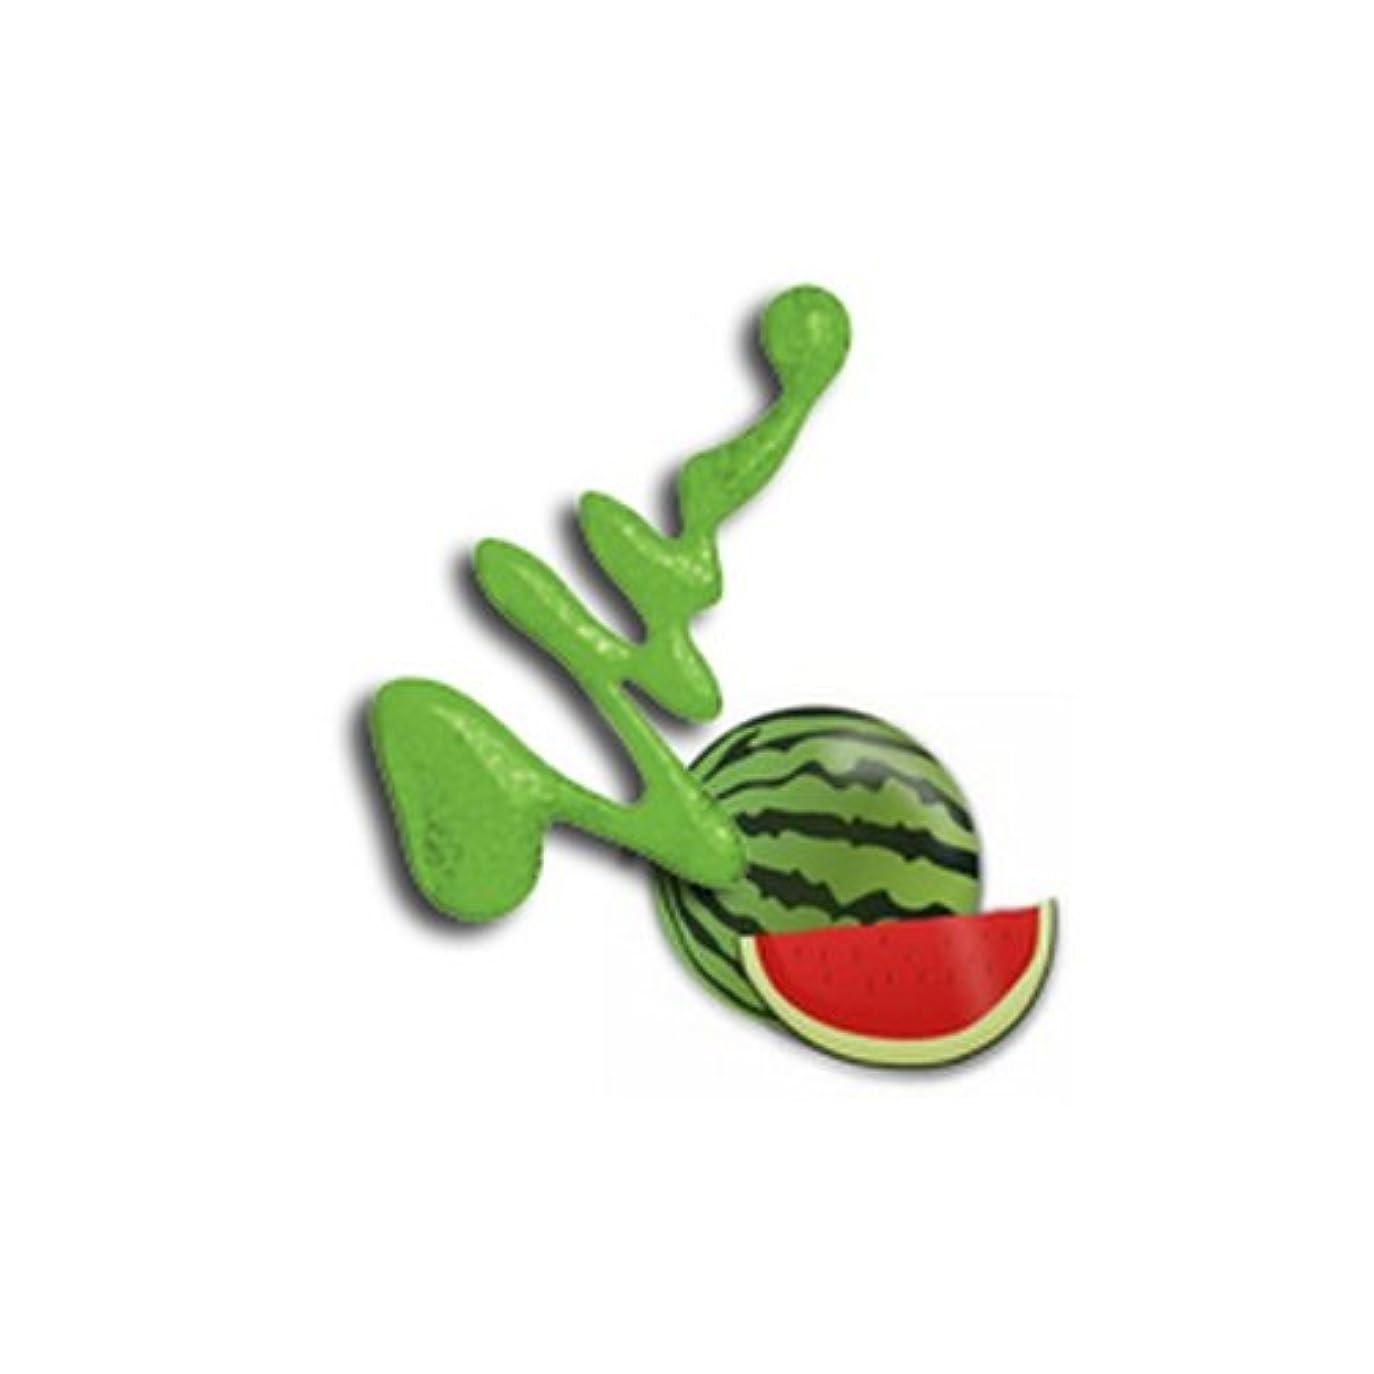 ペンダント奨学金旅行LA GIRL Fruity Scented Nail Polish - Watermelon Splash (並行輸入品)